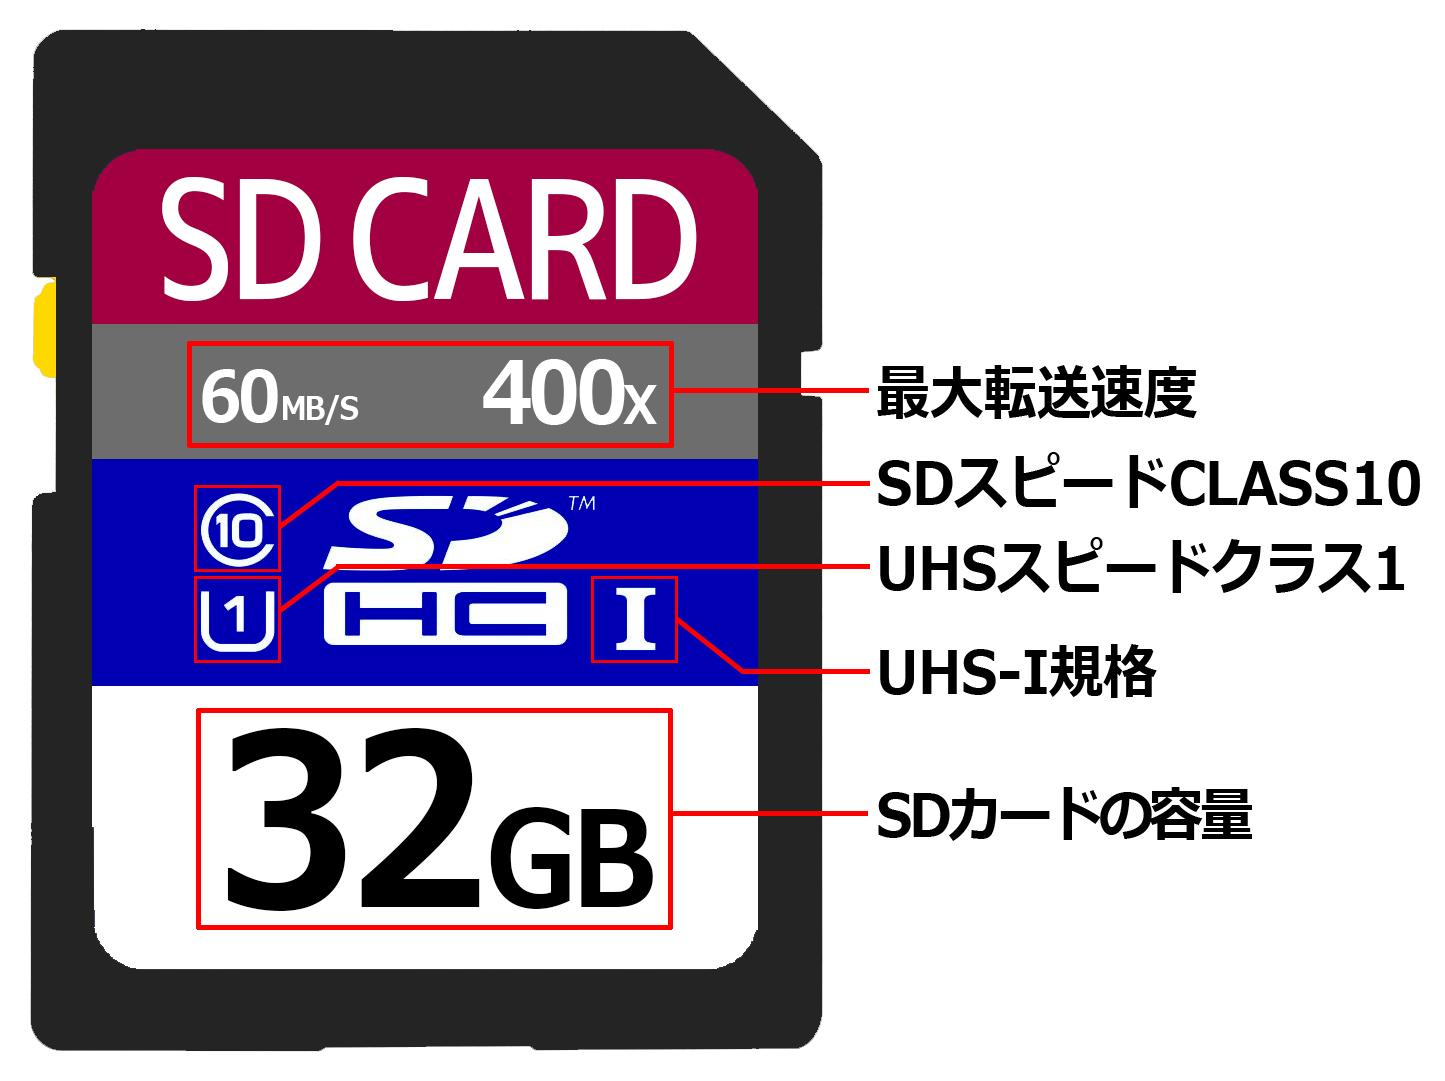 SDカードの見方